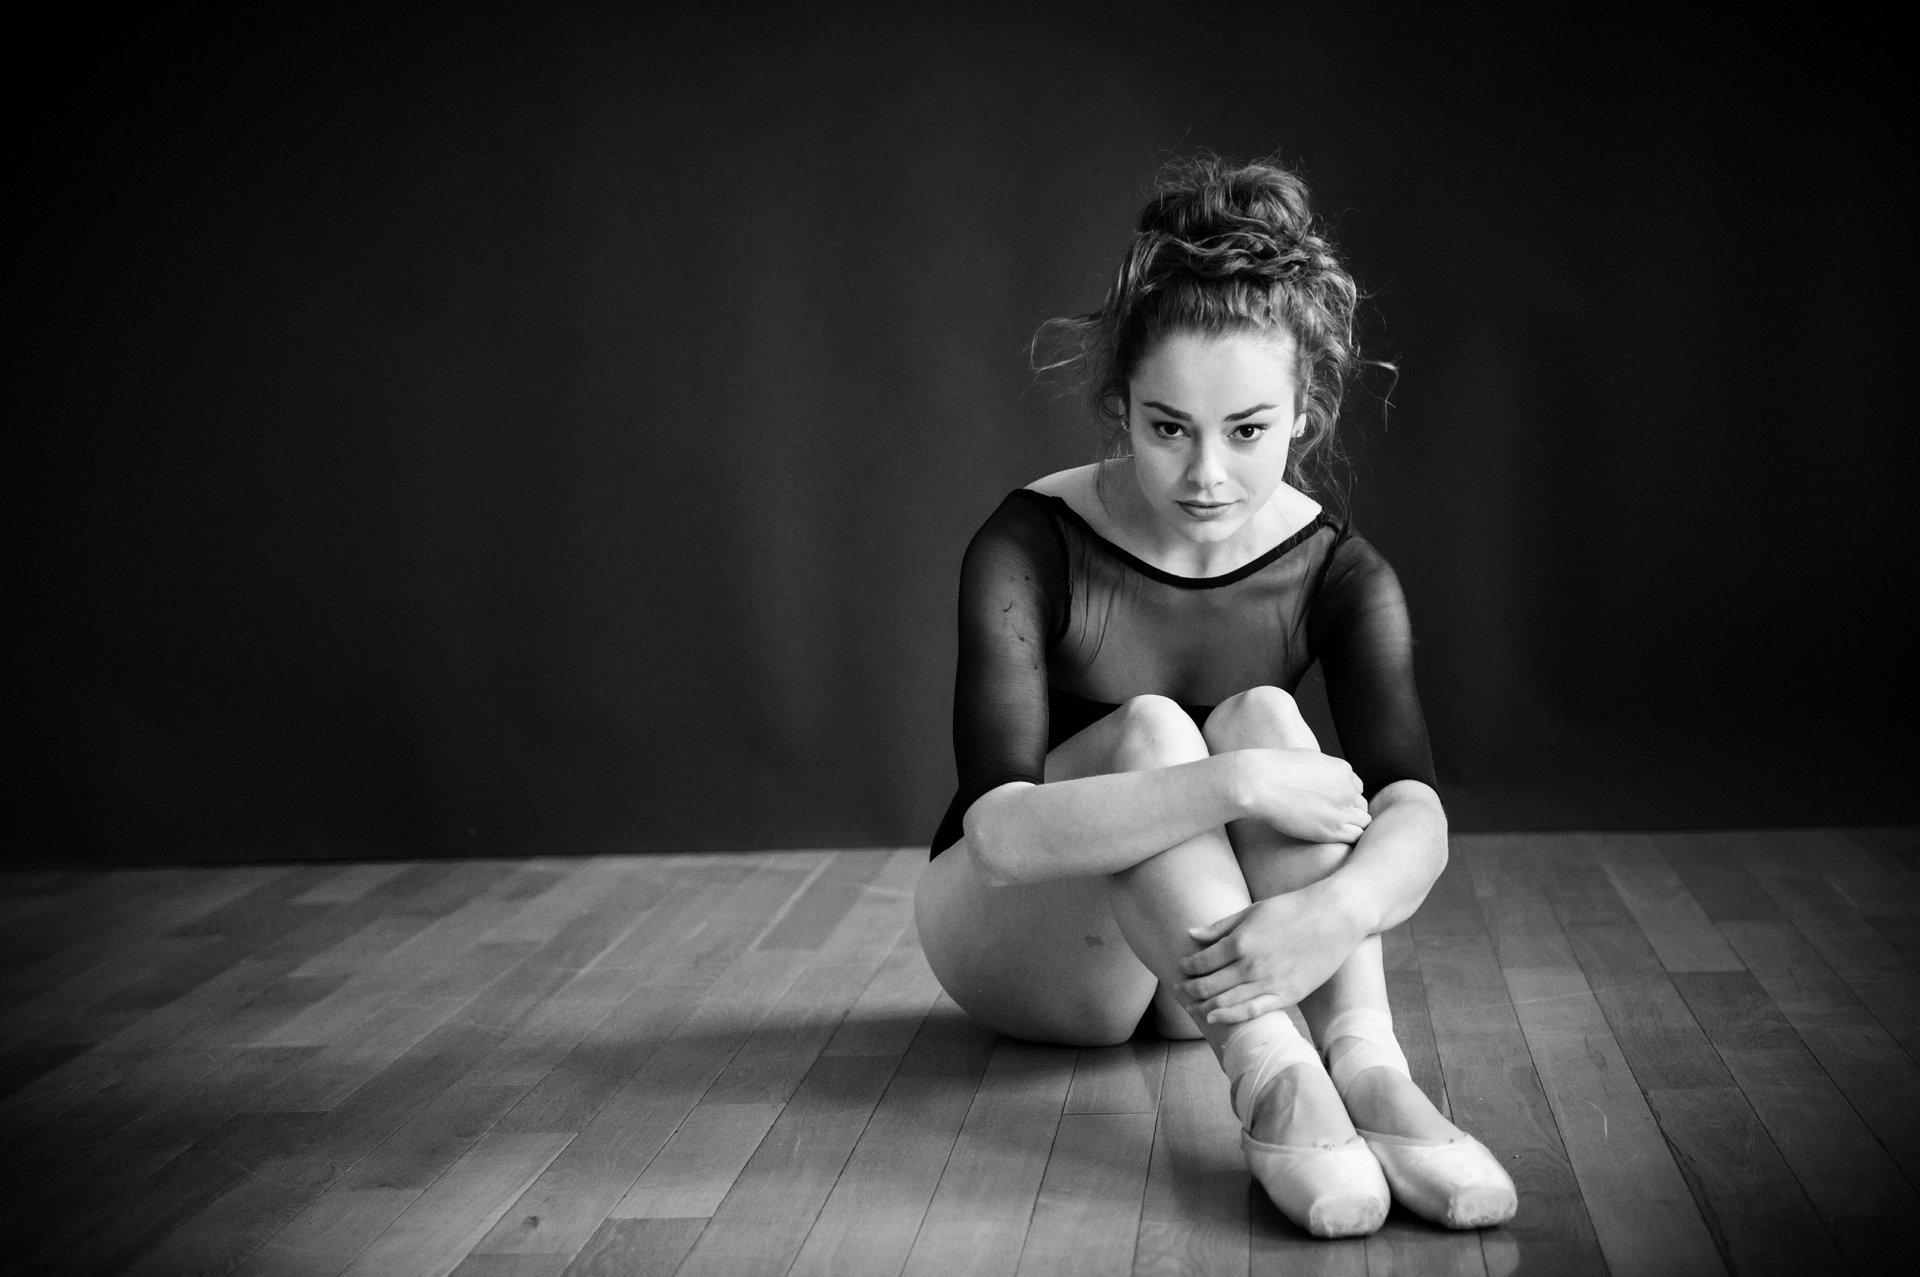 nEO_IMG_Marissa Dance-49-BW.jpg